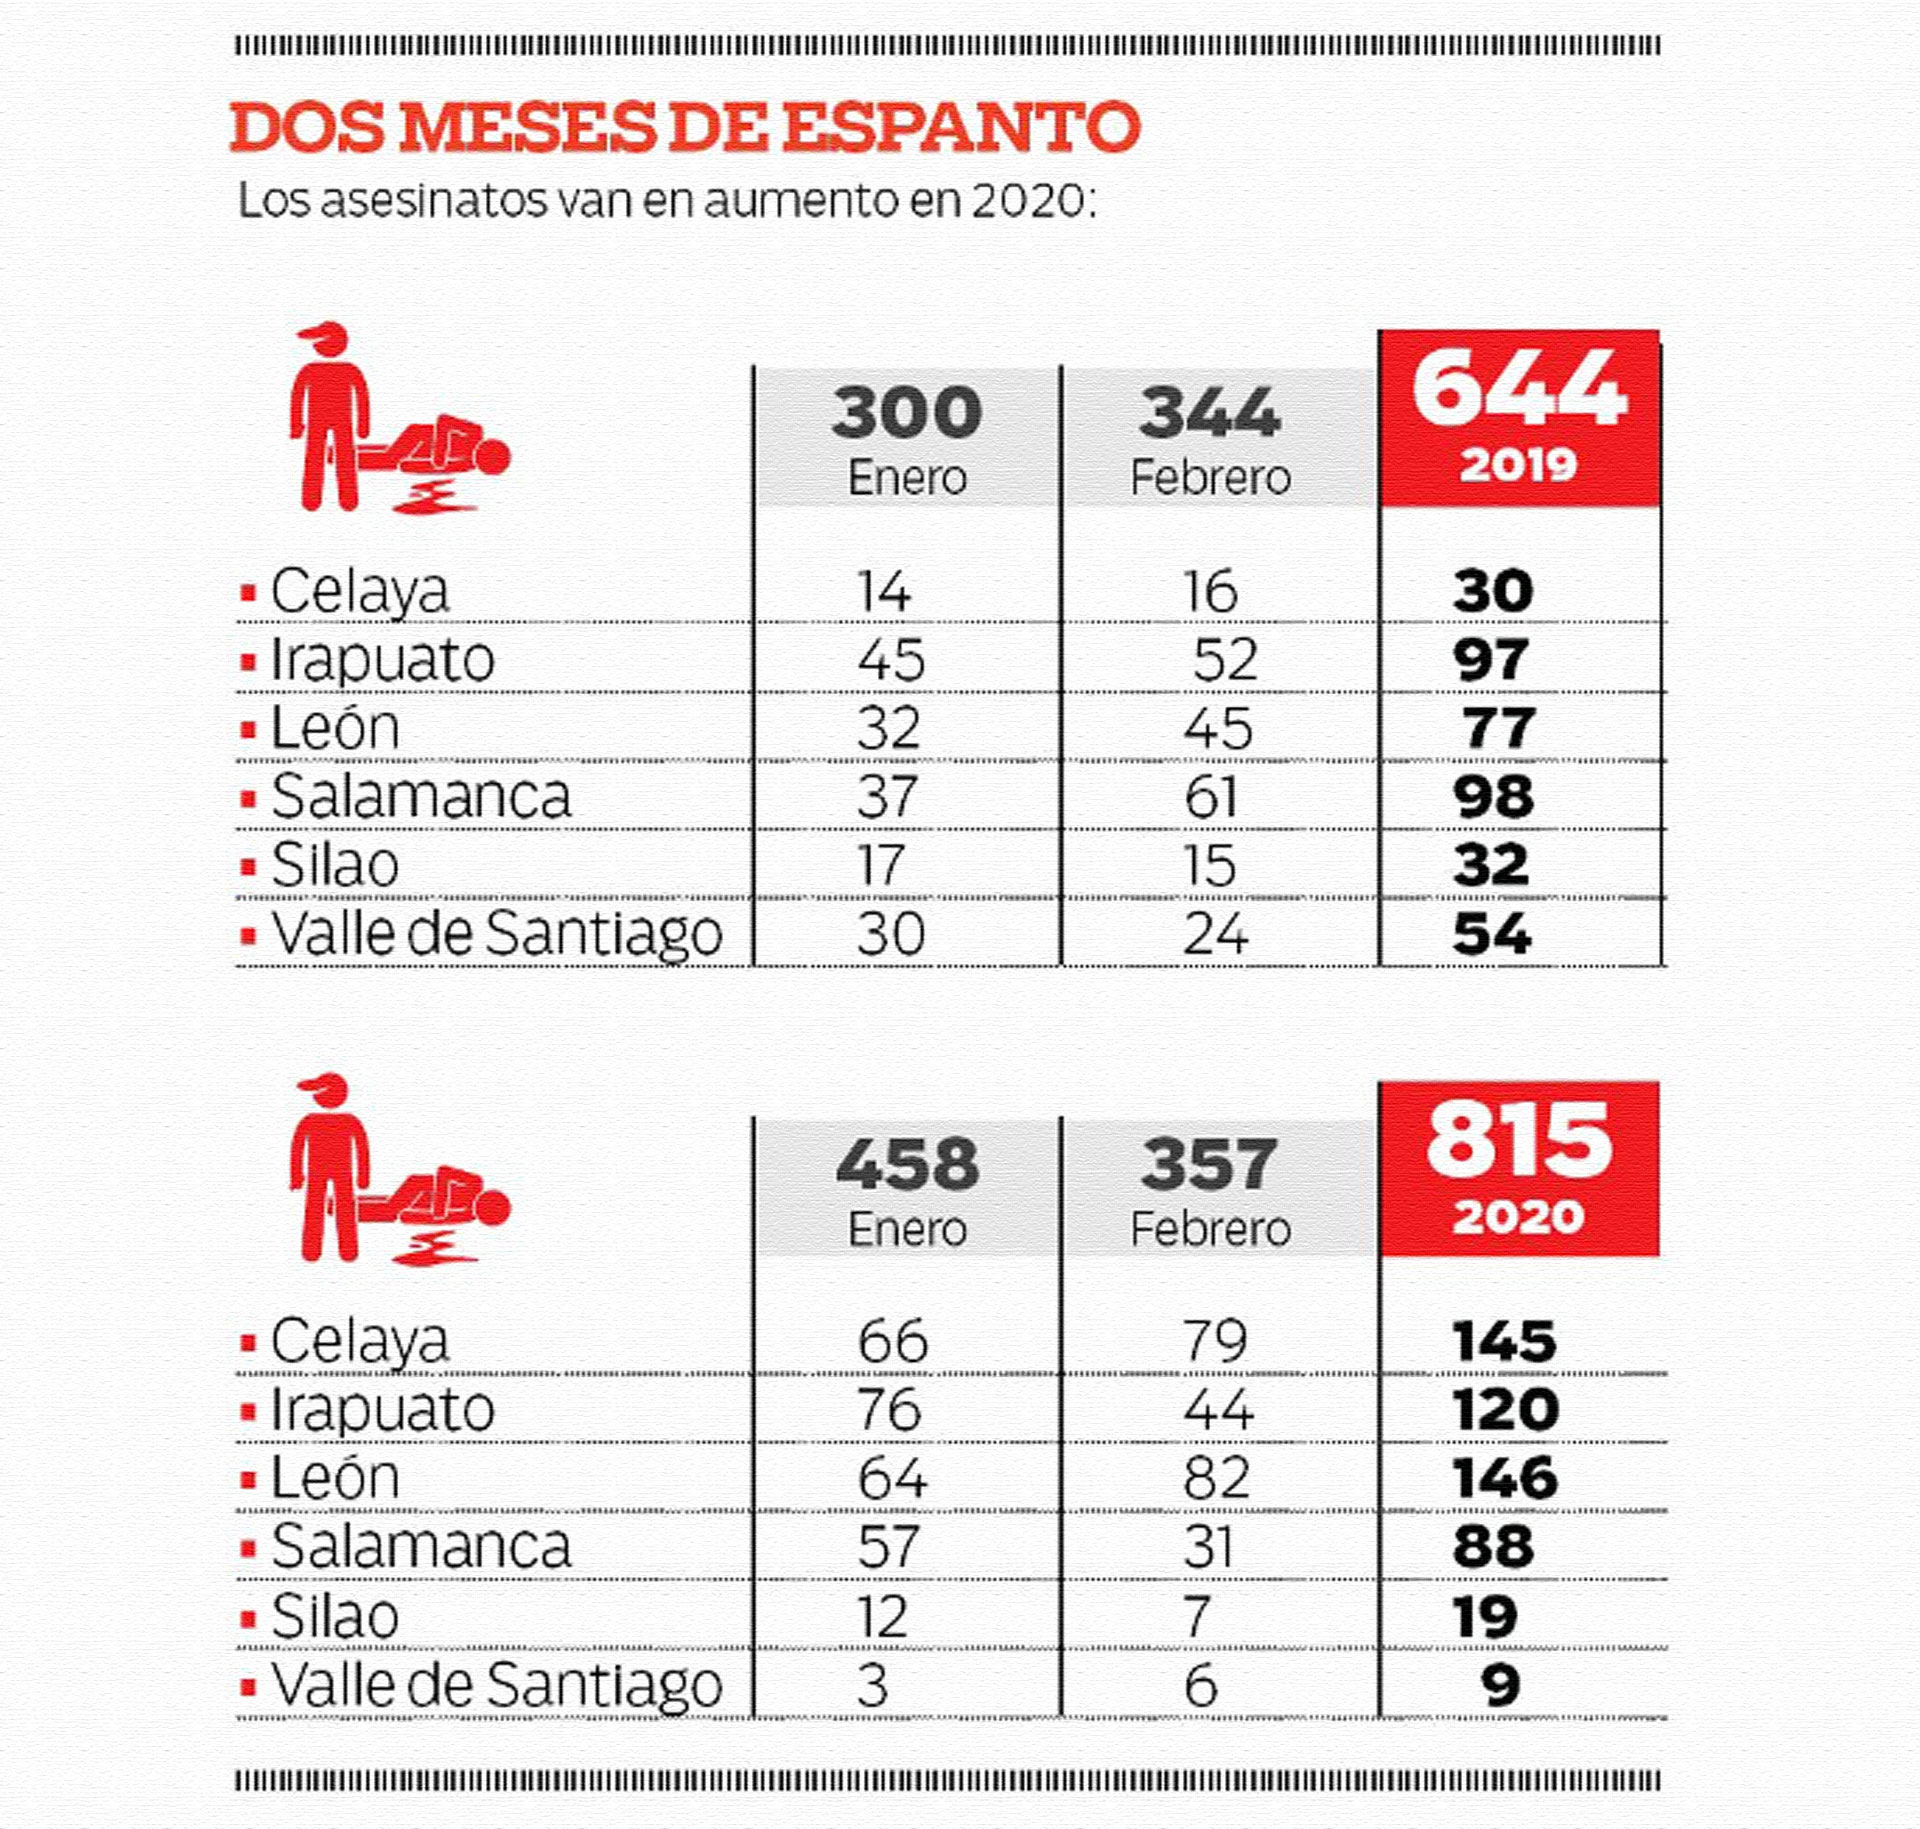 Homicidios dolosos cometidos en los meses de enero y febrero de 2020, comparados con los homicidios cometidos el año pasado, en el mismo periodo. La nueva estrategia el gobierno federal para combatir la inseguridad en Guanajuato no está funcionando. Infografia del periódico *AM*.